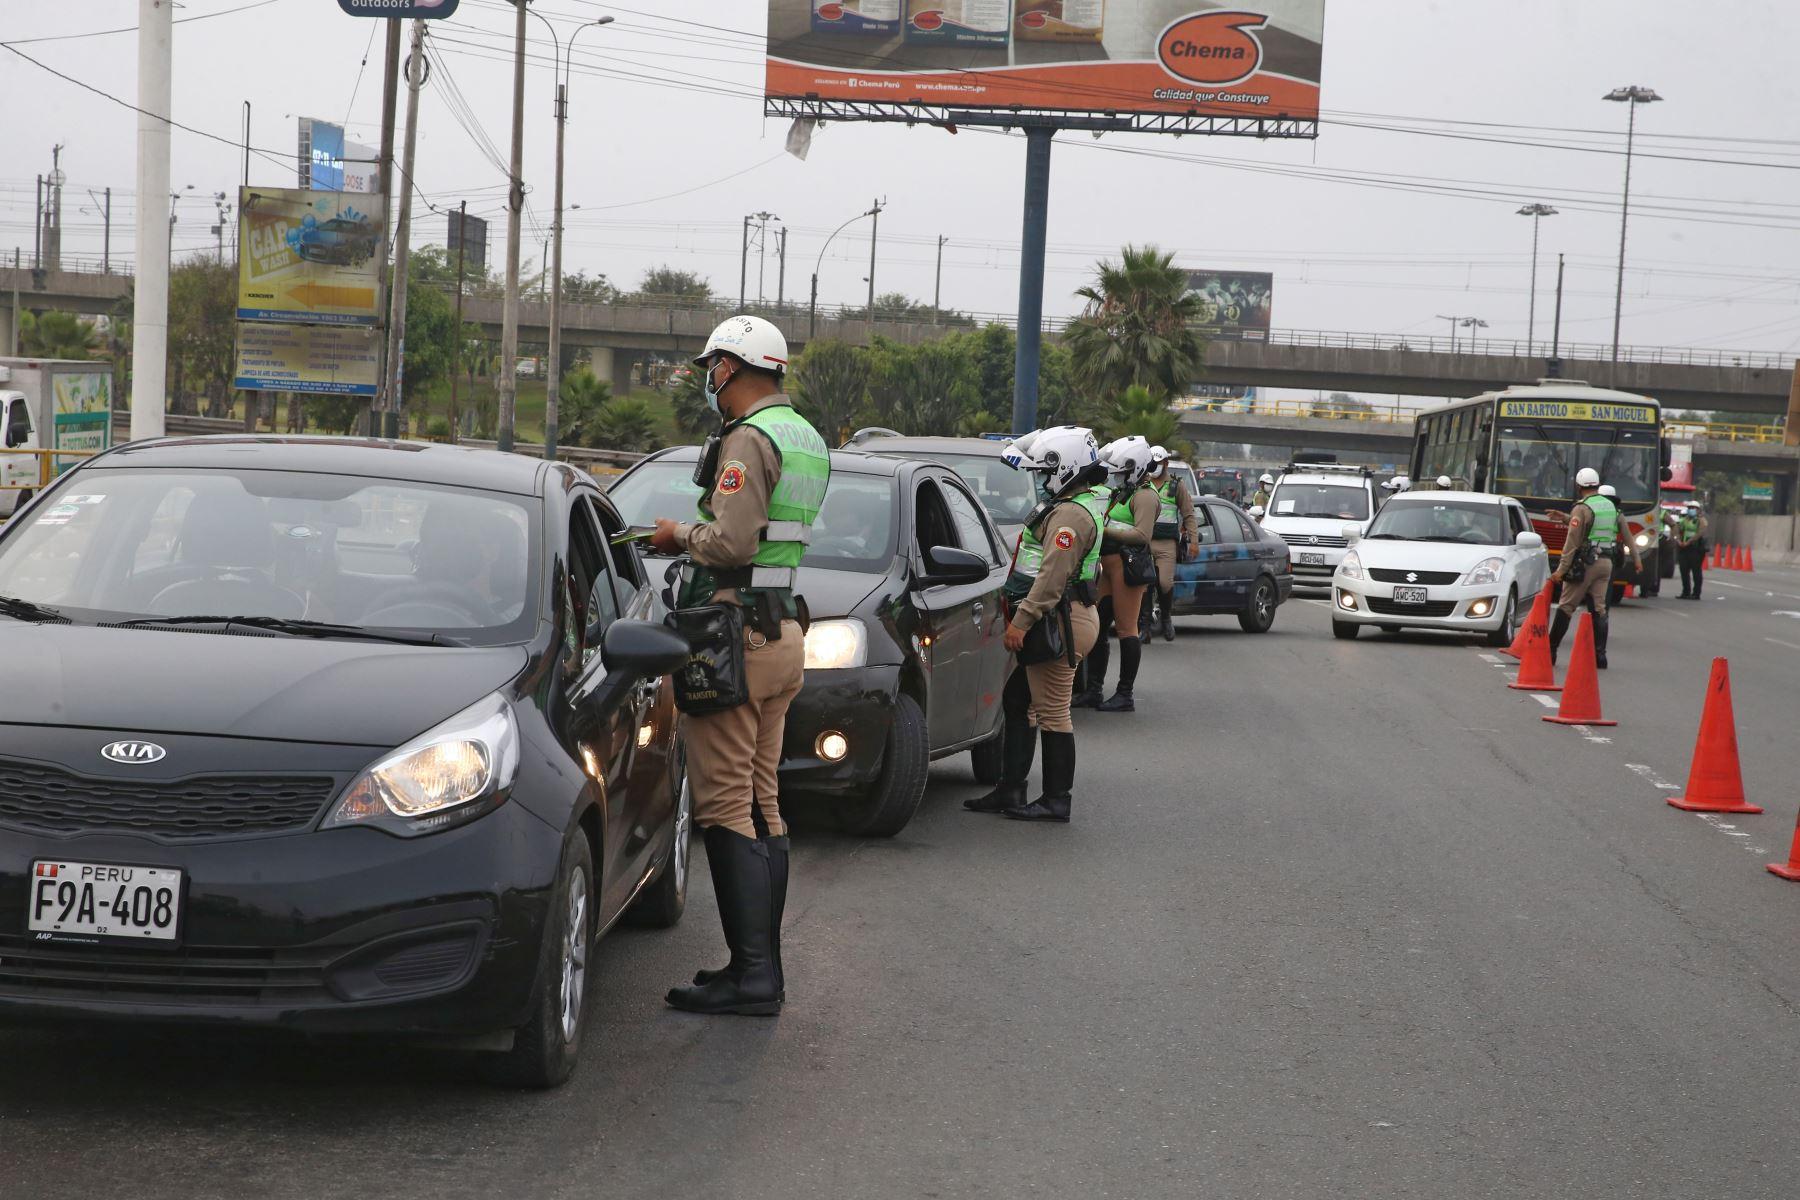 Policía Nacional realiza operativo en Puente Atocongo , en la Vía de Evitamiento debido a la  prohibición de circulación de vehículos particulares en Lima Metropolitana y el Callao, según disposición del Gobierno que buscan reducir los índices de contagios de la covid-19. Foto: ANDINA/Vidal Tarqui